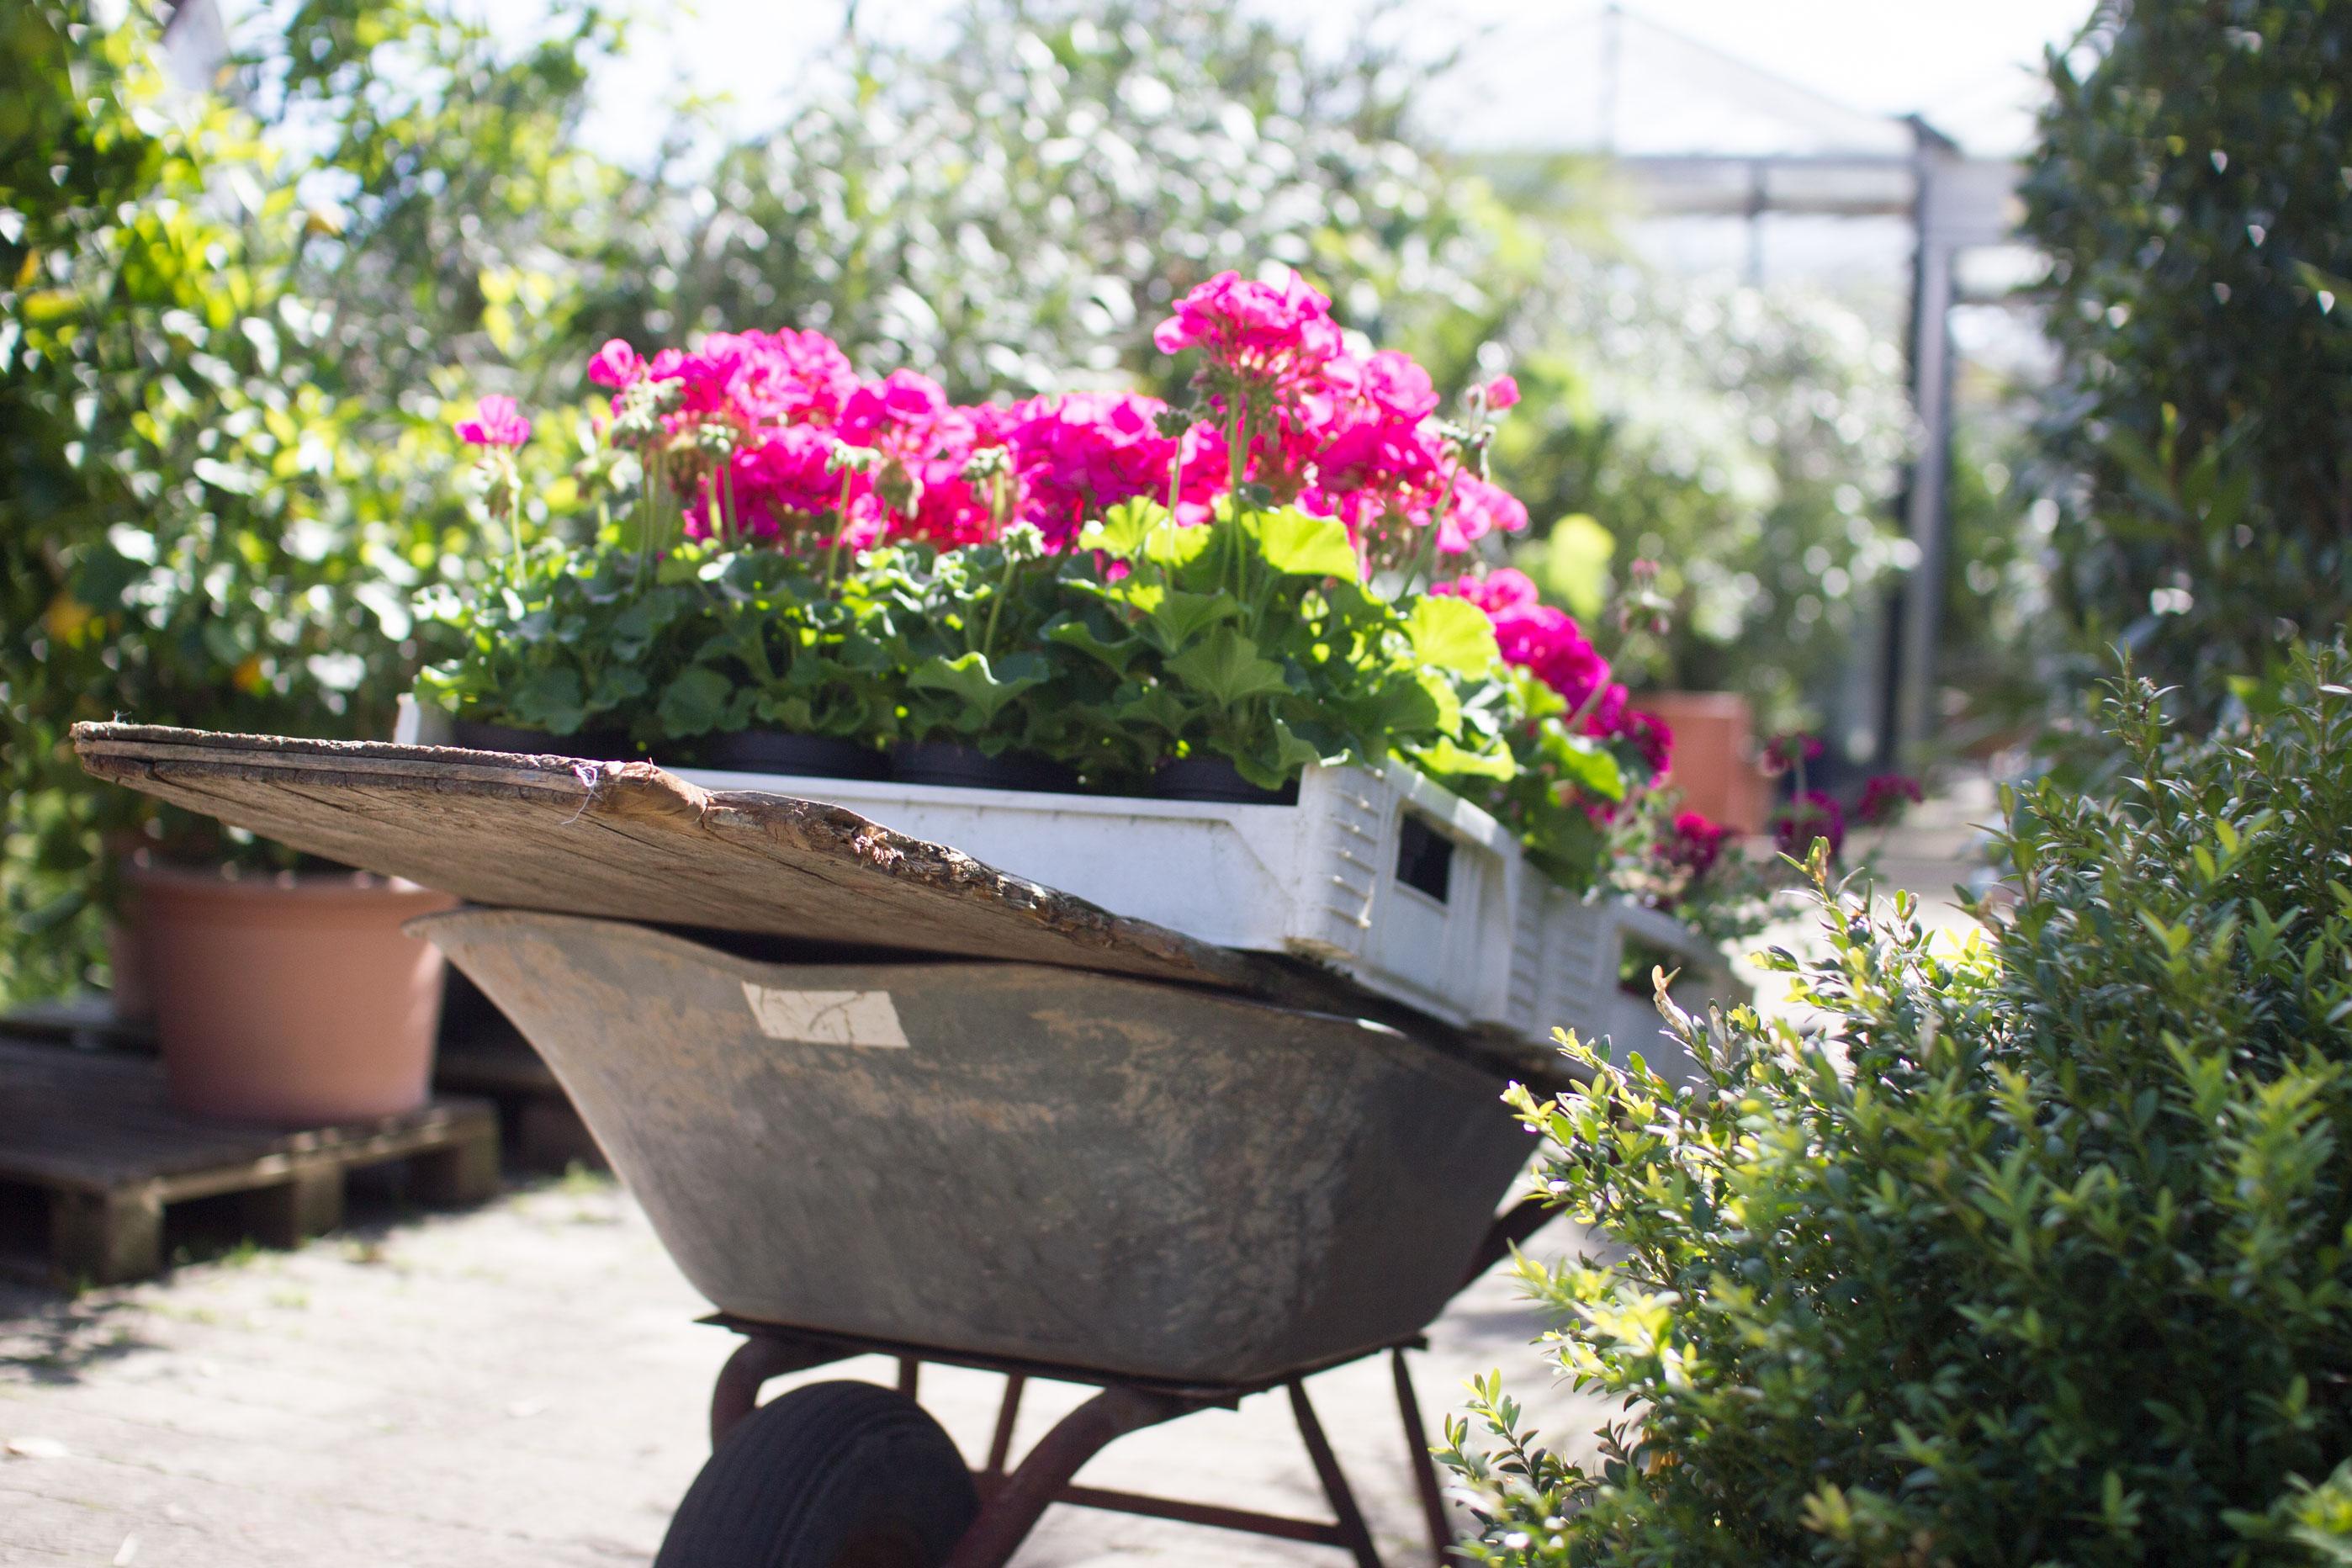 Impression aus der Gärtnerei